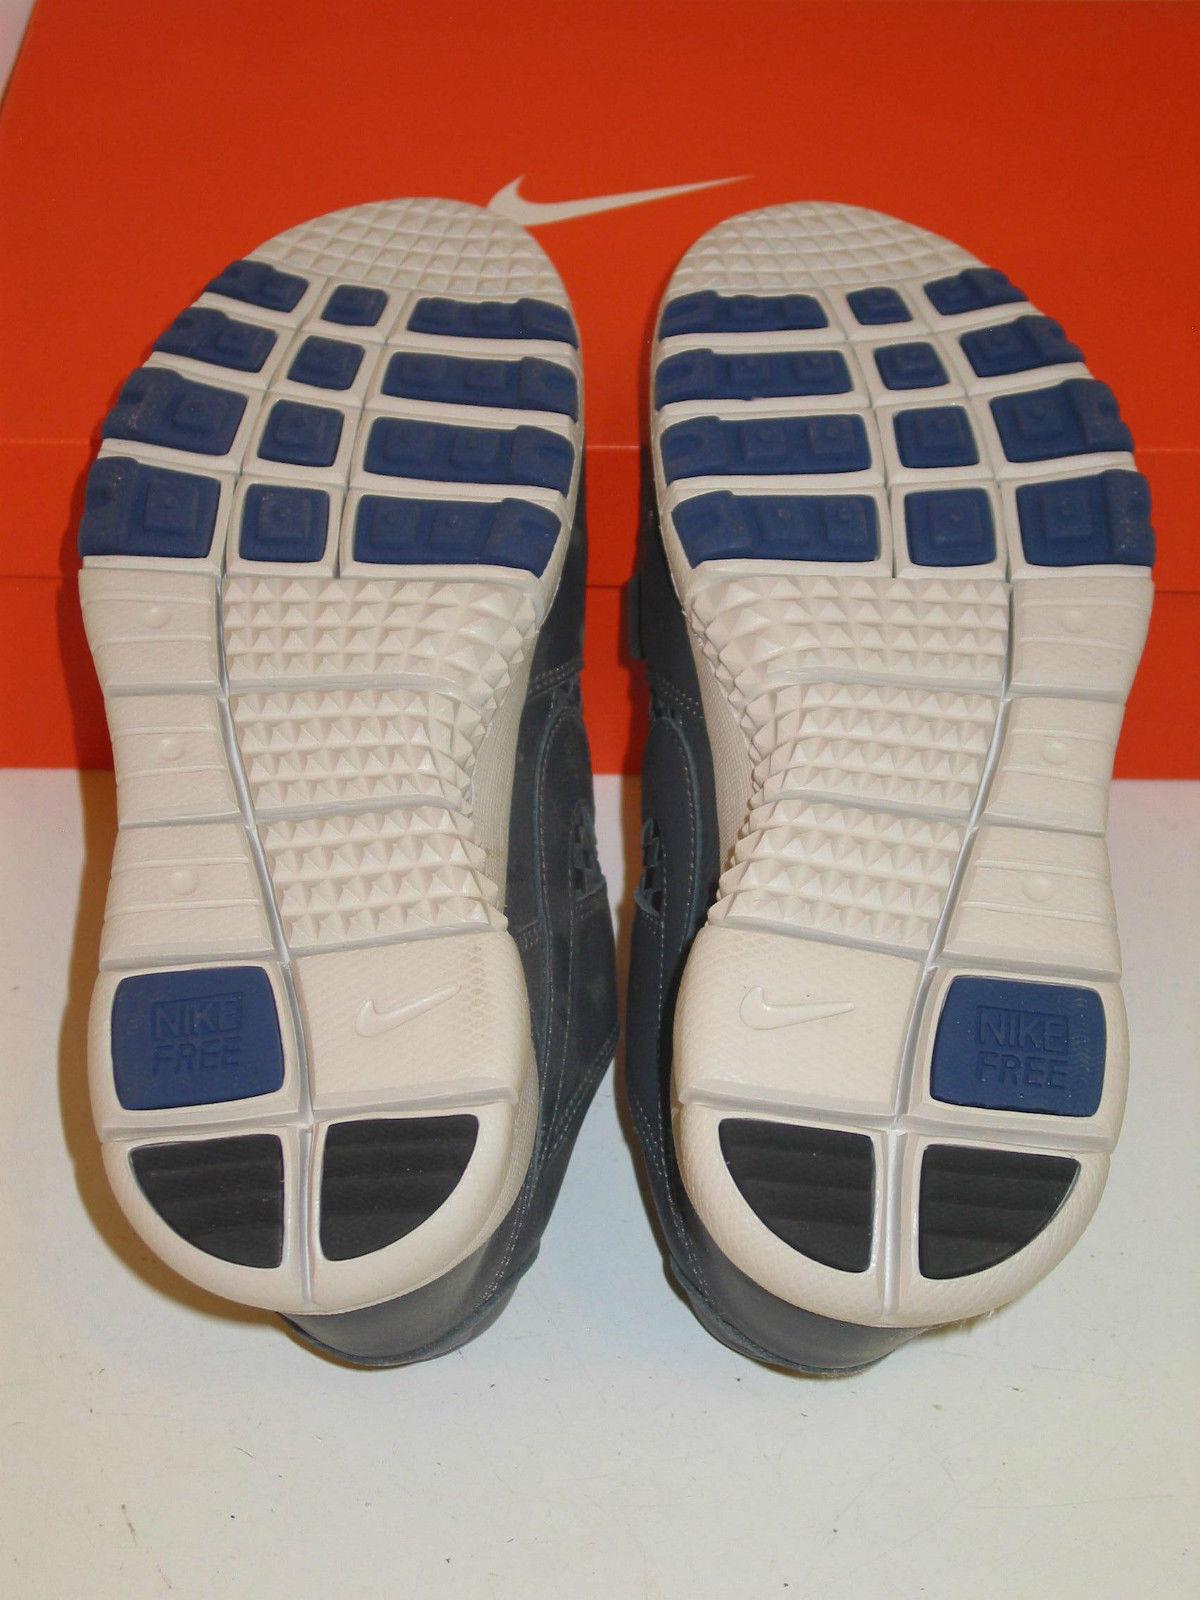 nike formateur formateur formateur dunk faible sp Gris  la formation croisée athletic chaussures chaussures   8 | Pour Votre Sélection  6beb8a